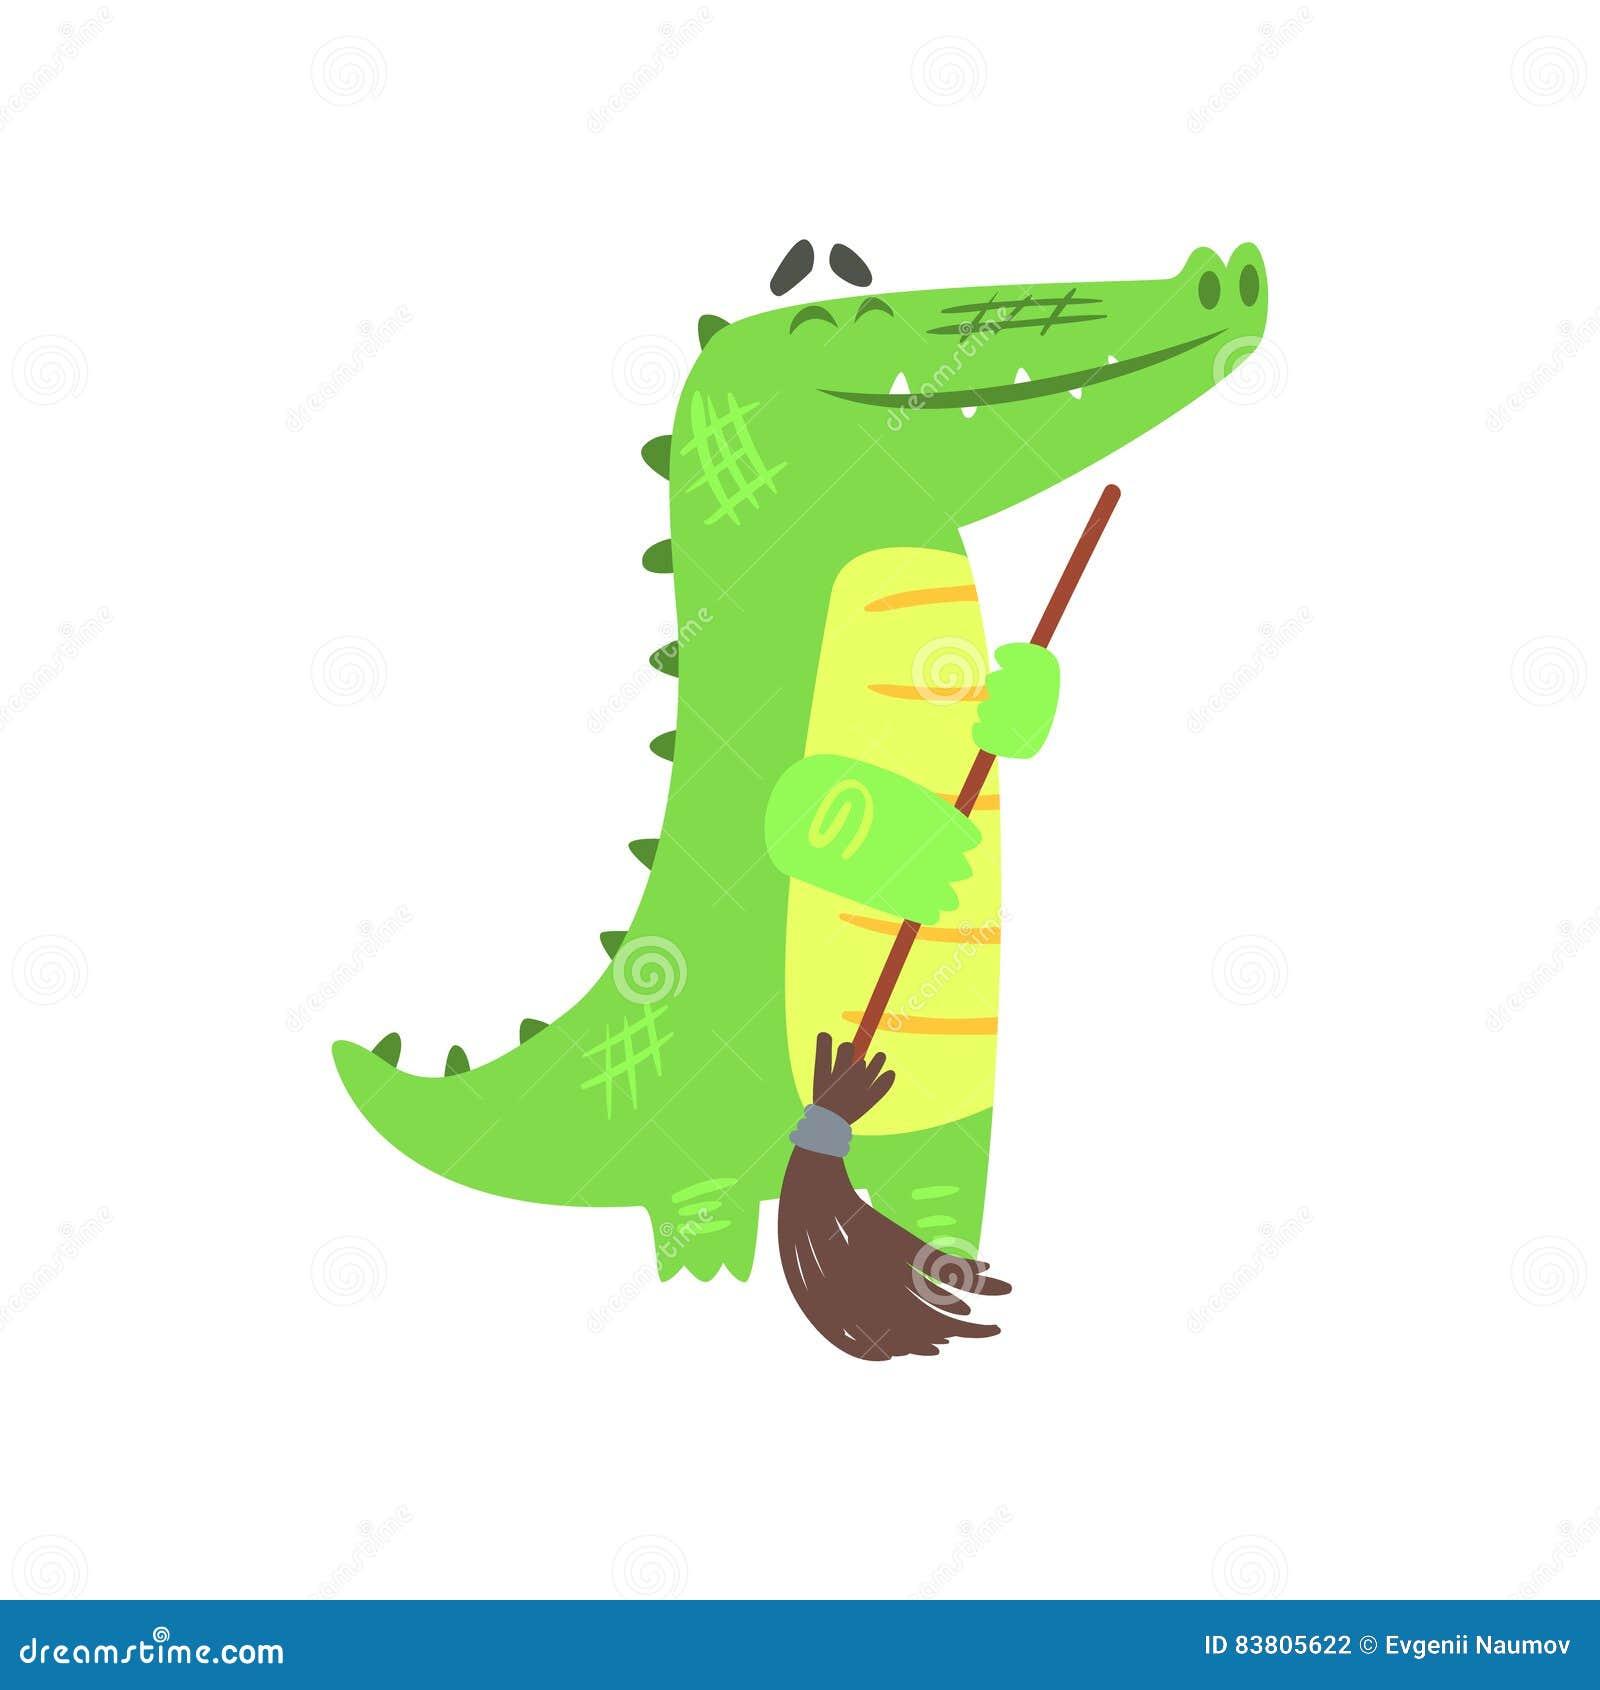 Krokodil Vegende Vloer met Bezem, Vermenselijkt Groen Reptiel Dierlijk Karakter Elke Dagactiviteit